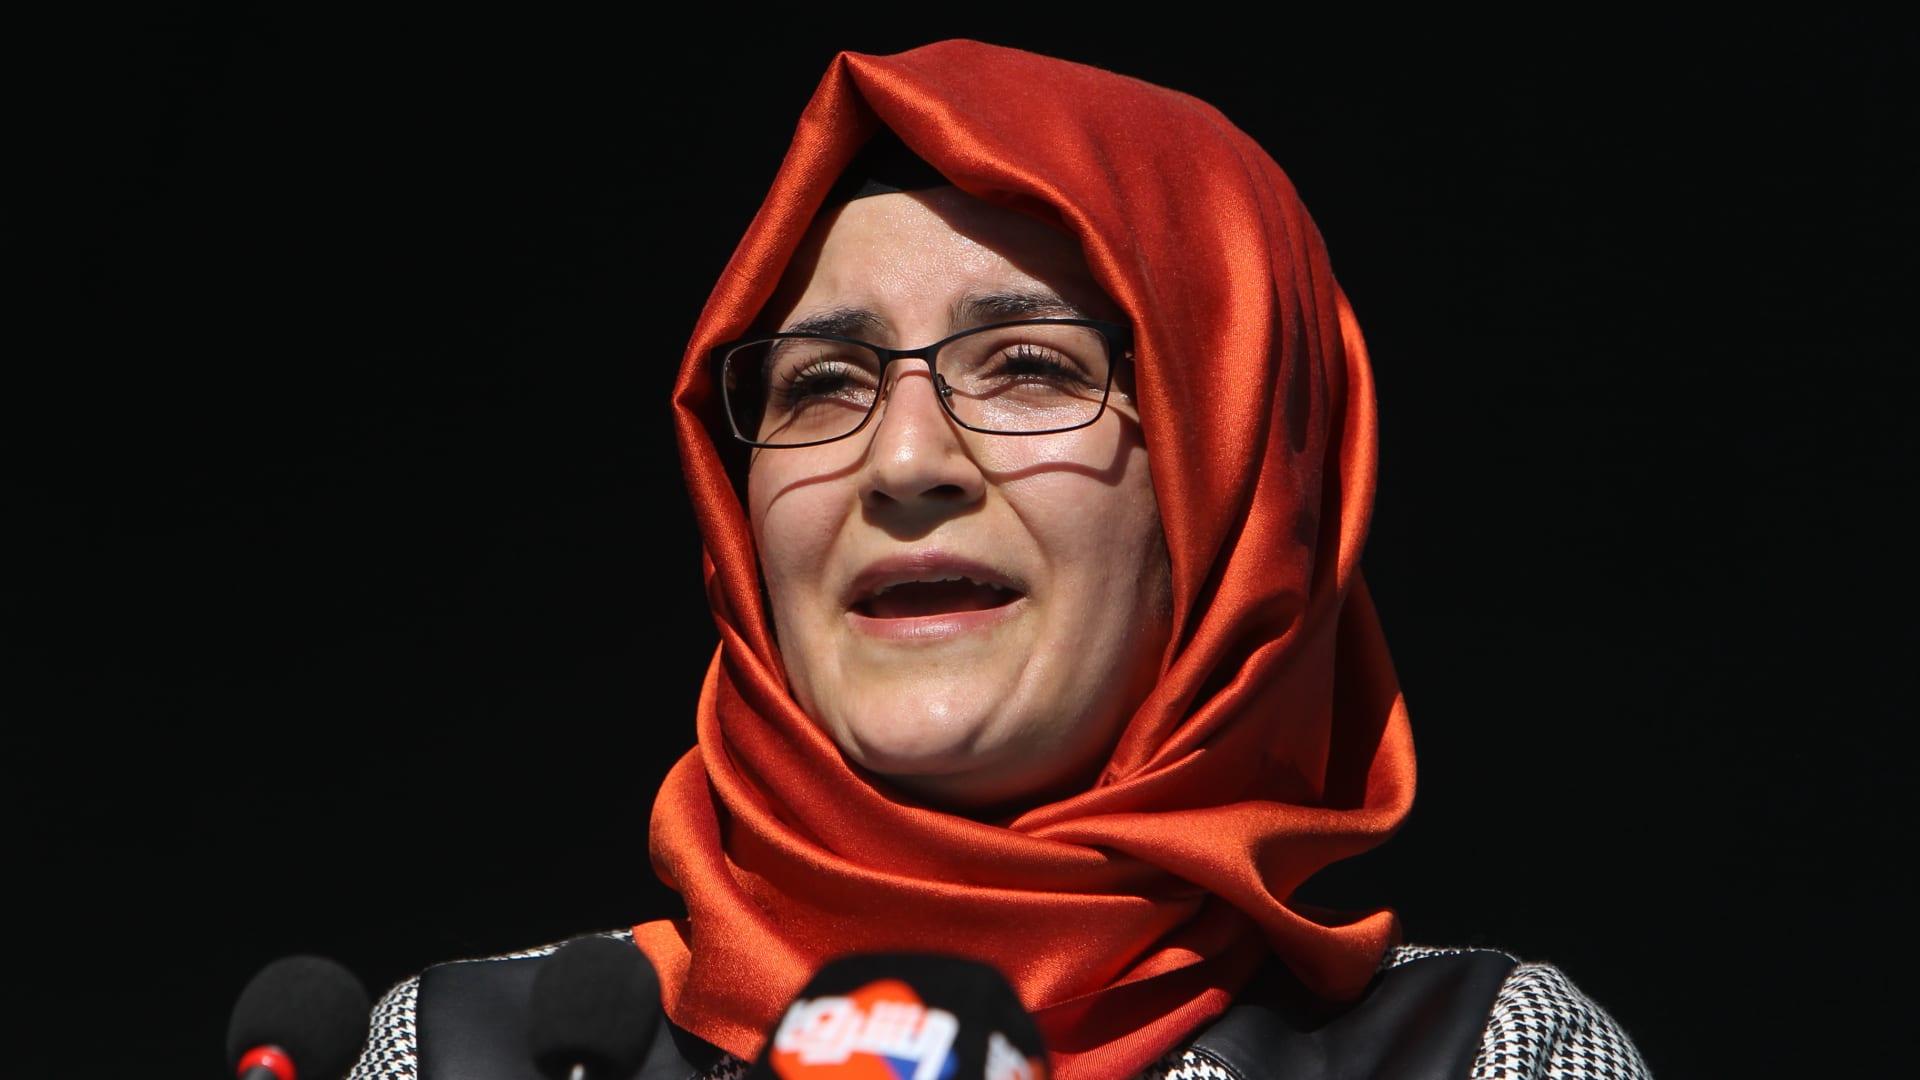 أول تعليق من خديجة جنكيز لـCNN بعد نشر تقرير خاشقجي.. ماذا قالت؟